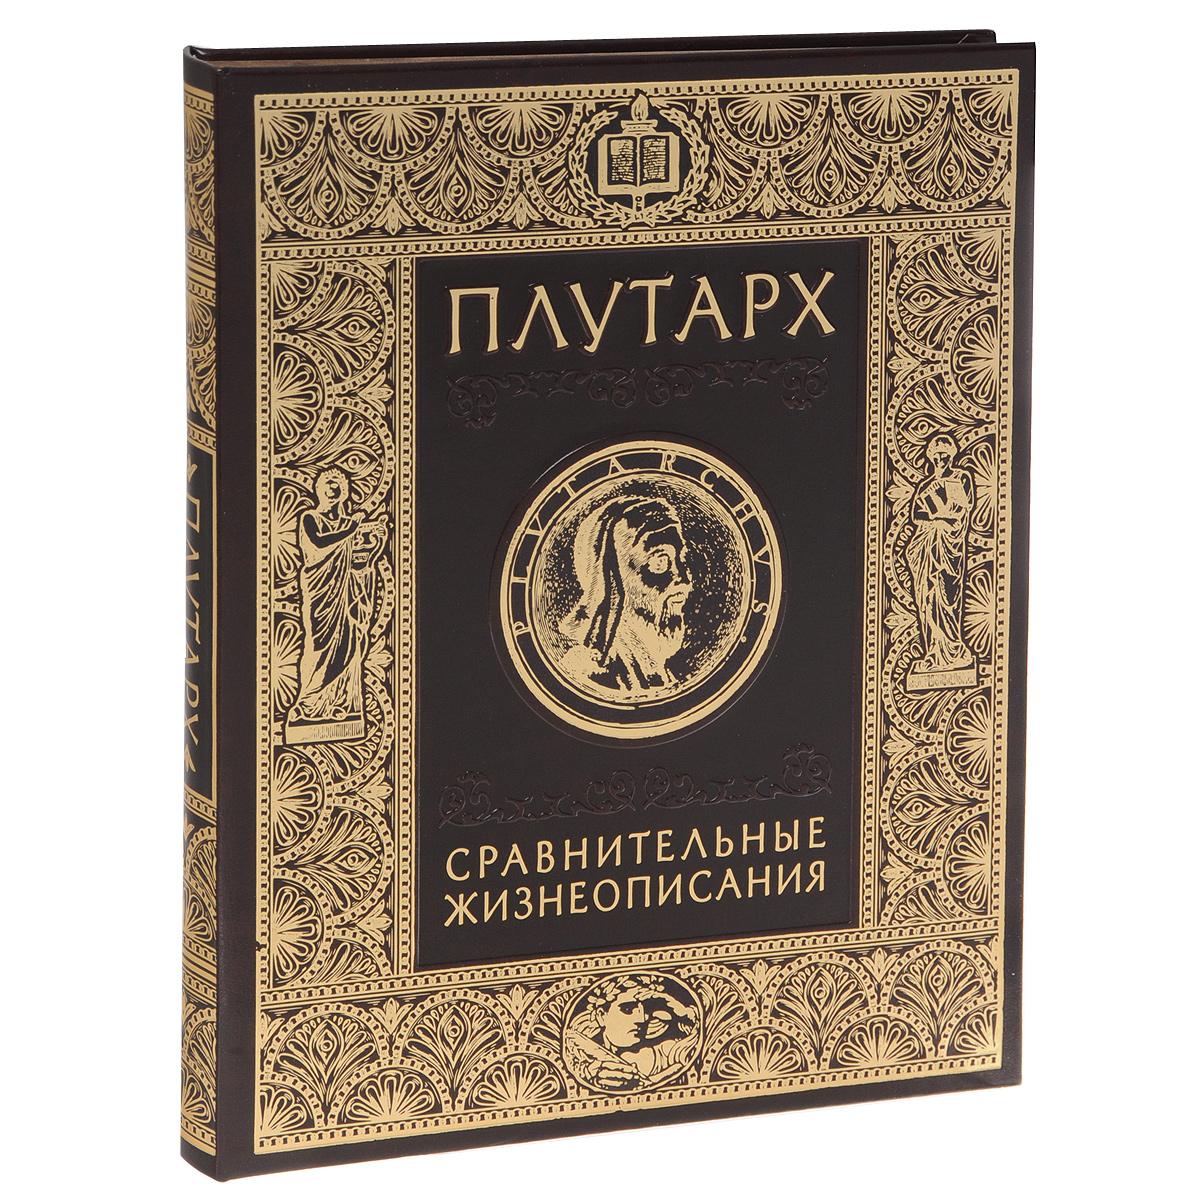 Плутарх Сравнительные жизнеописания (подарочное издание)